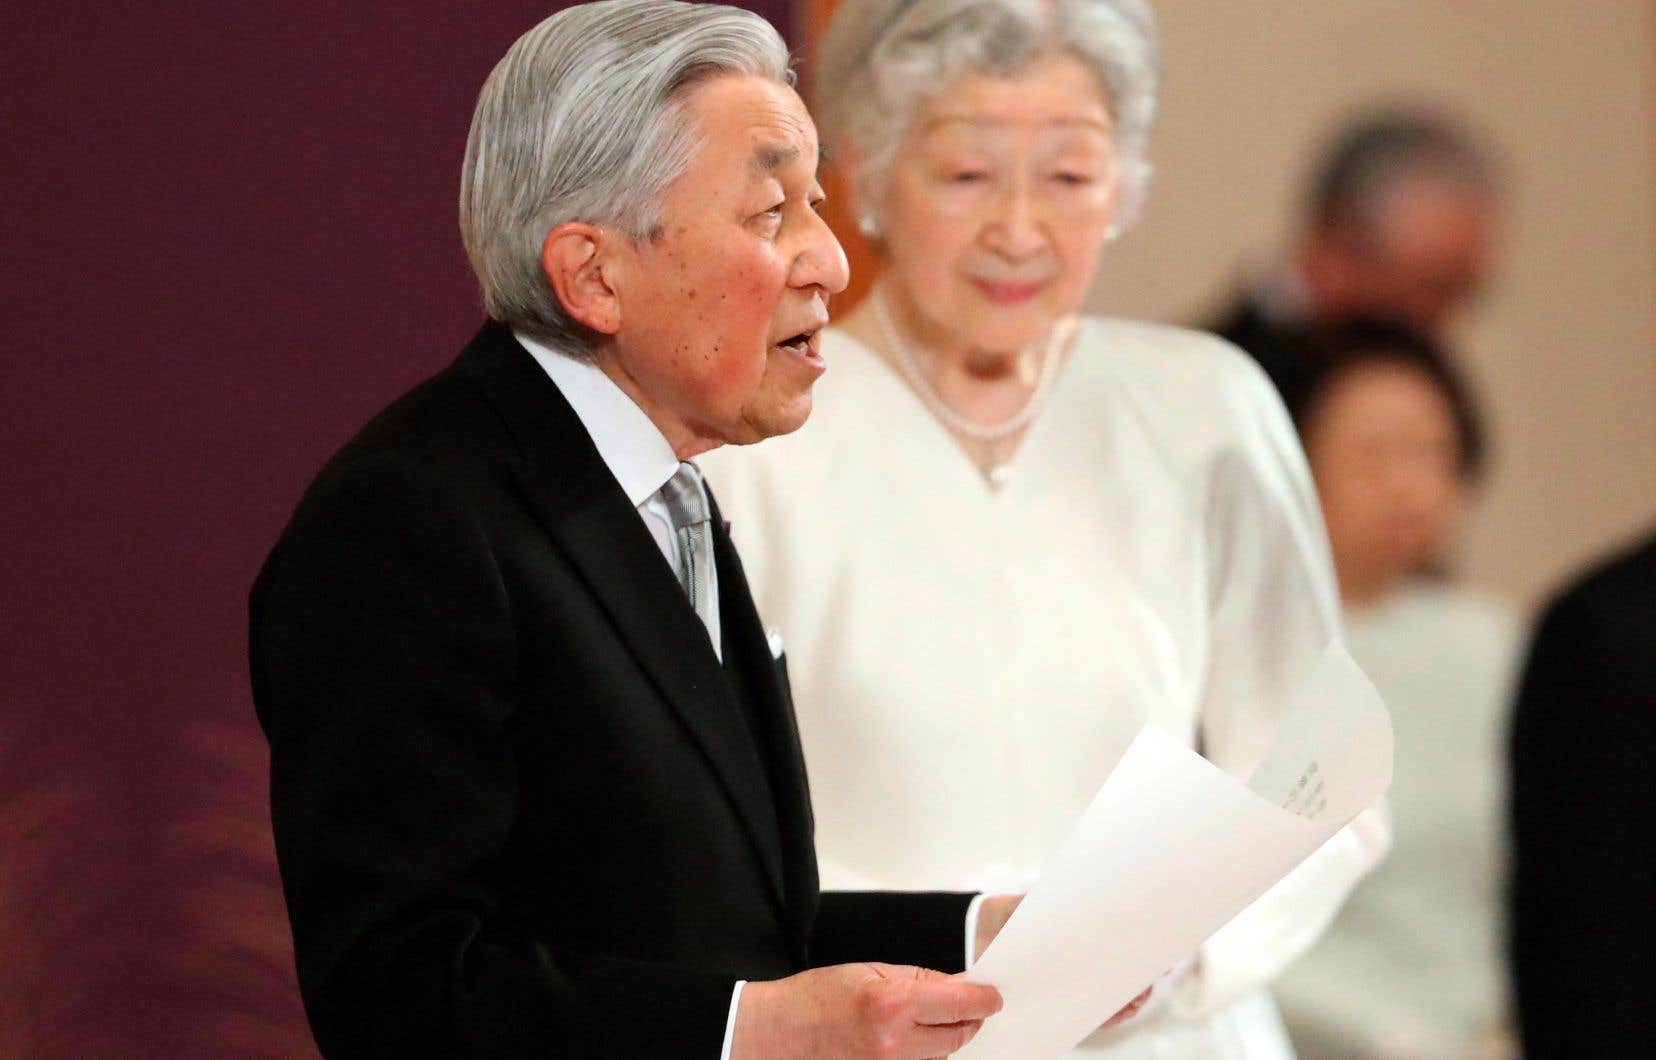 L'empereur Akihito avait laissé savoir qu'il souhaitait être déchargé de sa tâche en raison de sa santé et son âge.